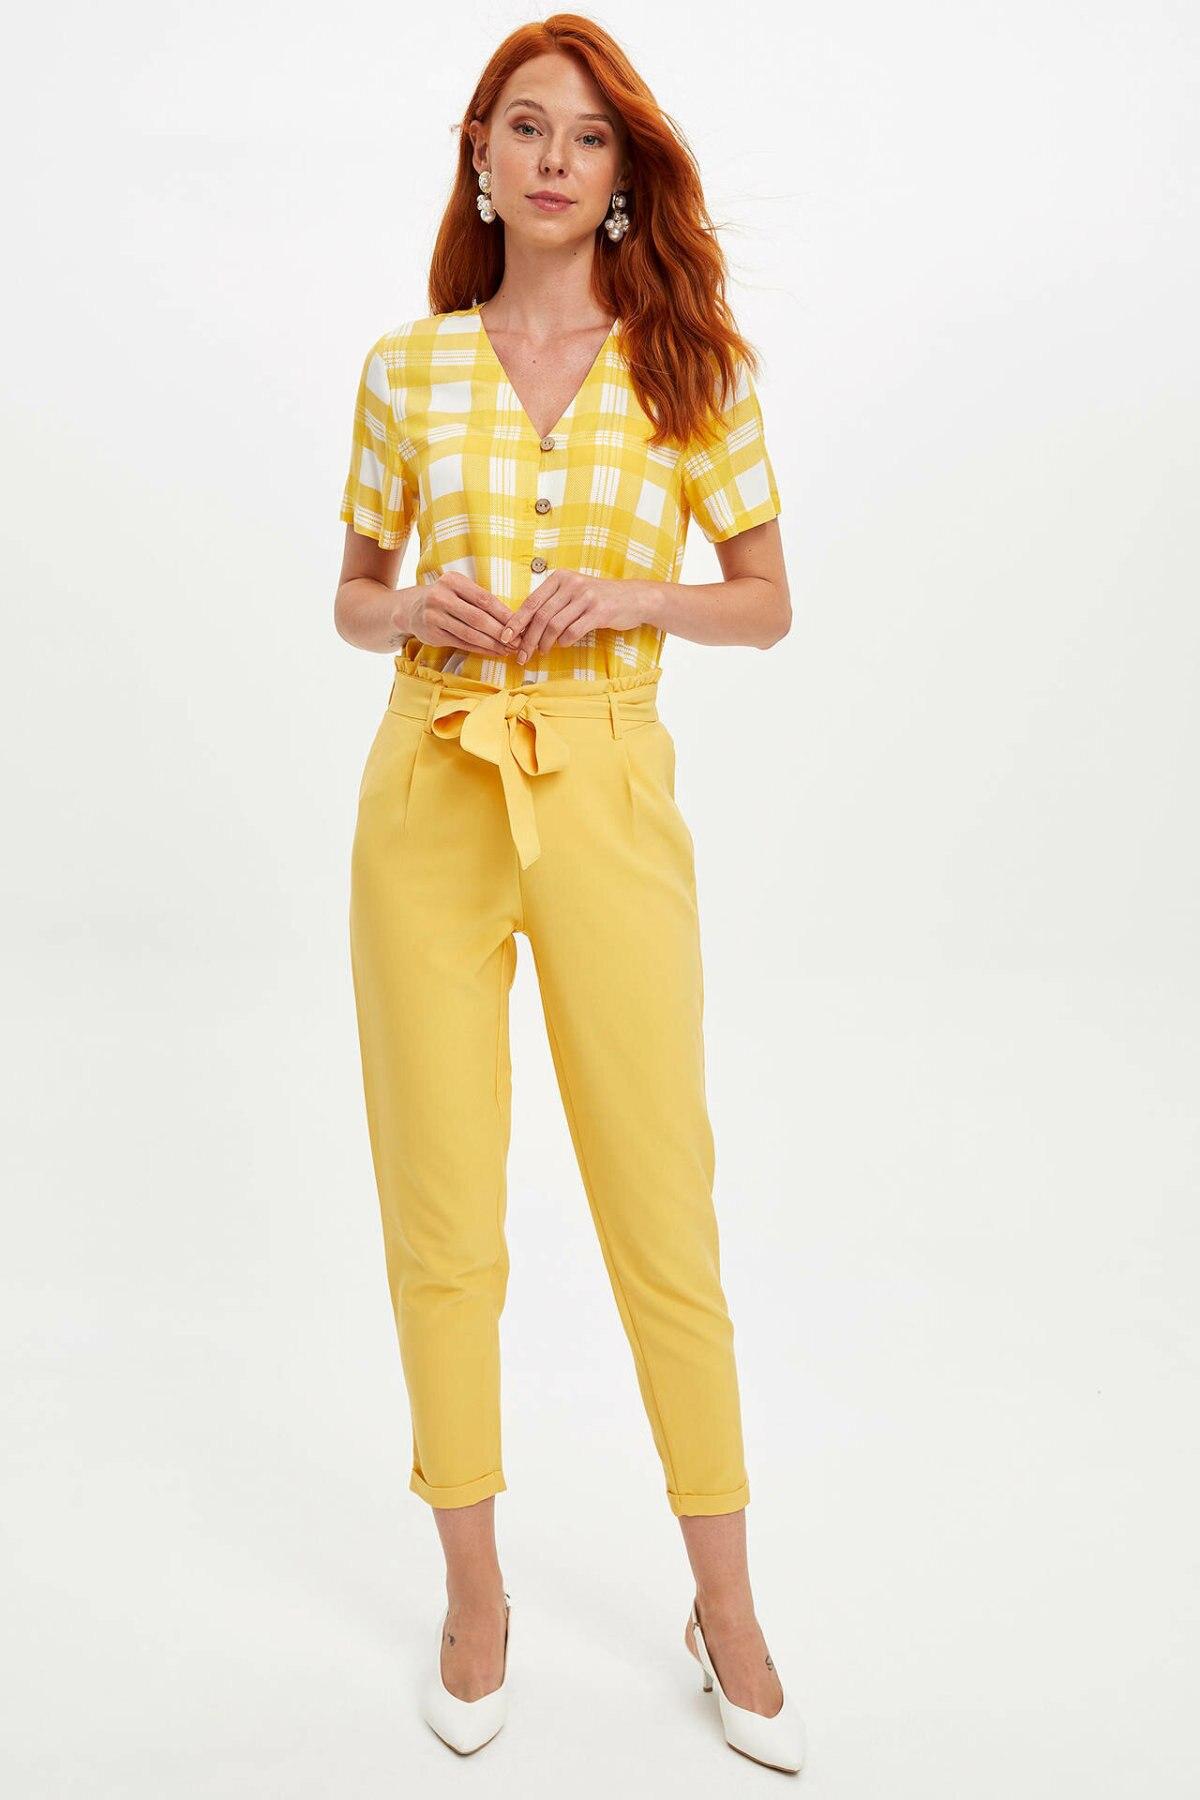 DeFacto Candy Color Women Long Pants Adjustable Bowknot Belt Woman Straight Pants Female Bottoms Trousers-L8440AZ19SM